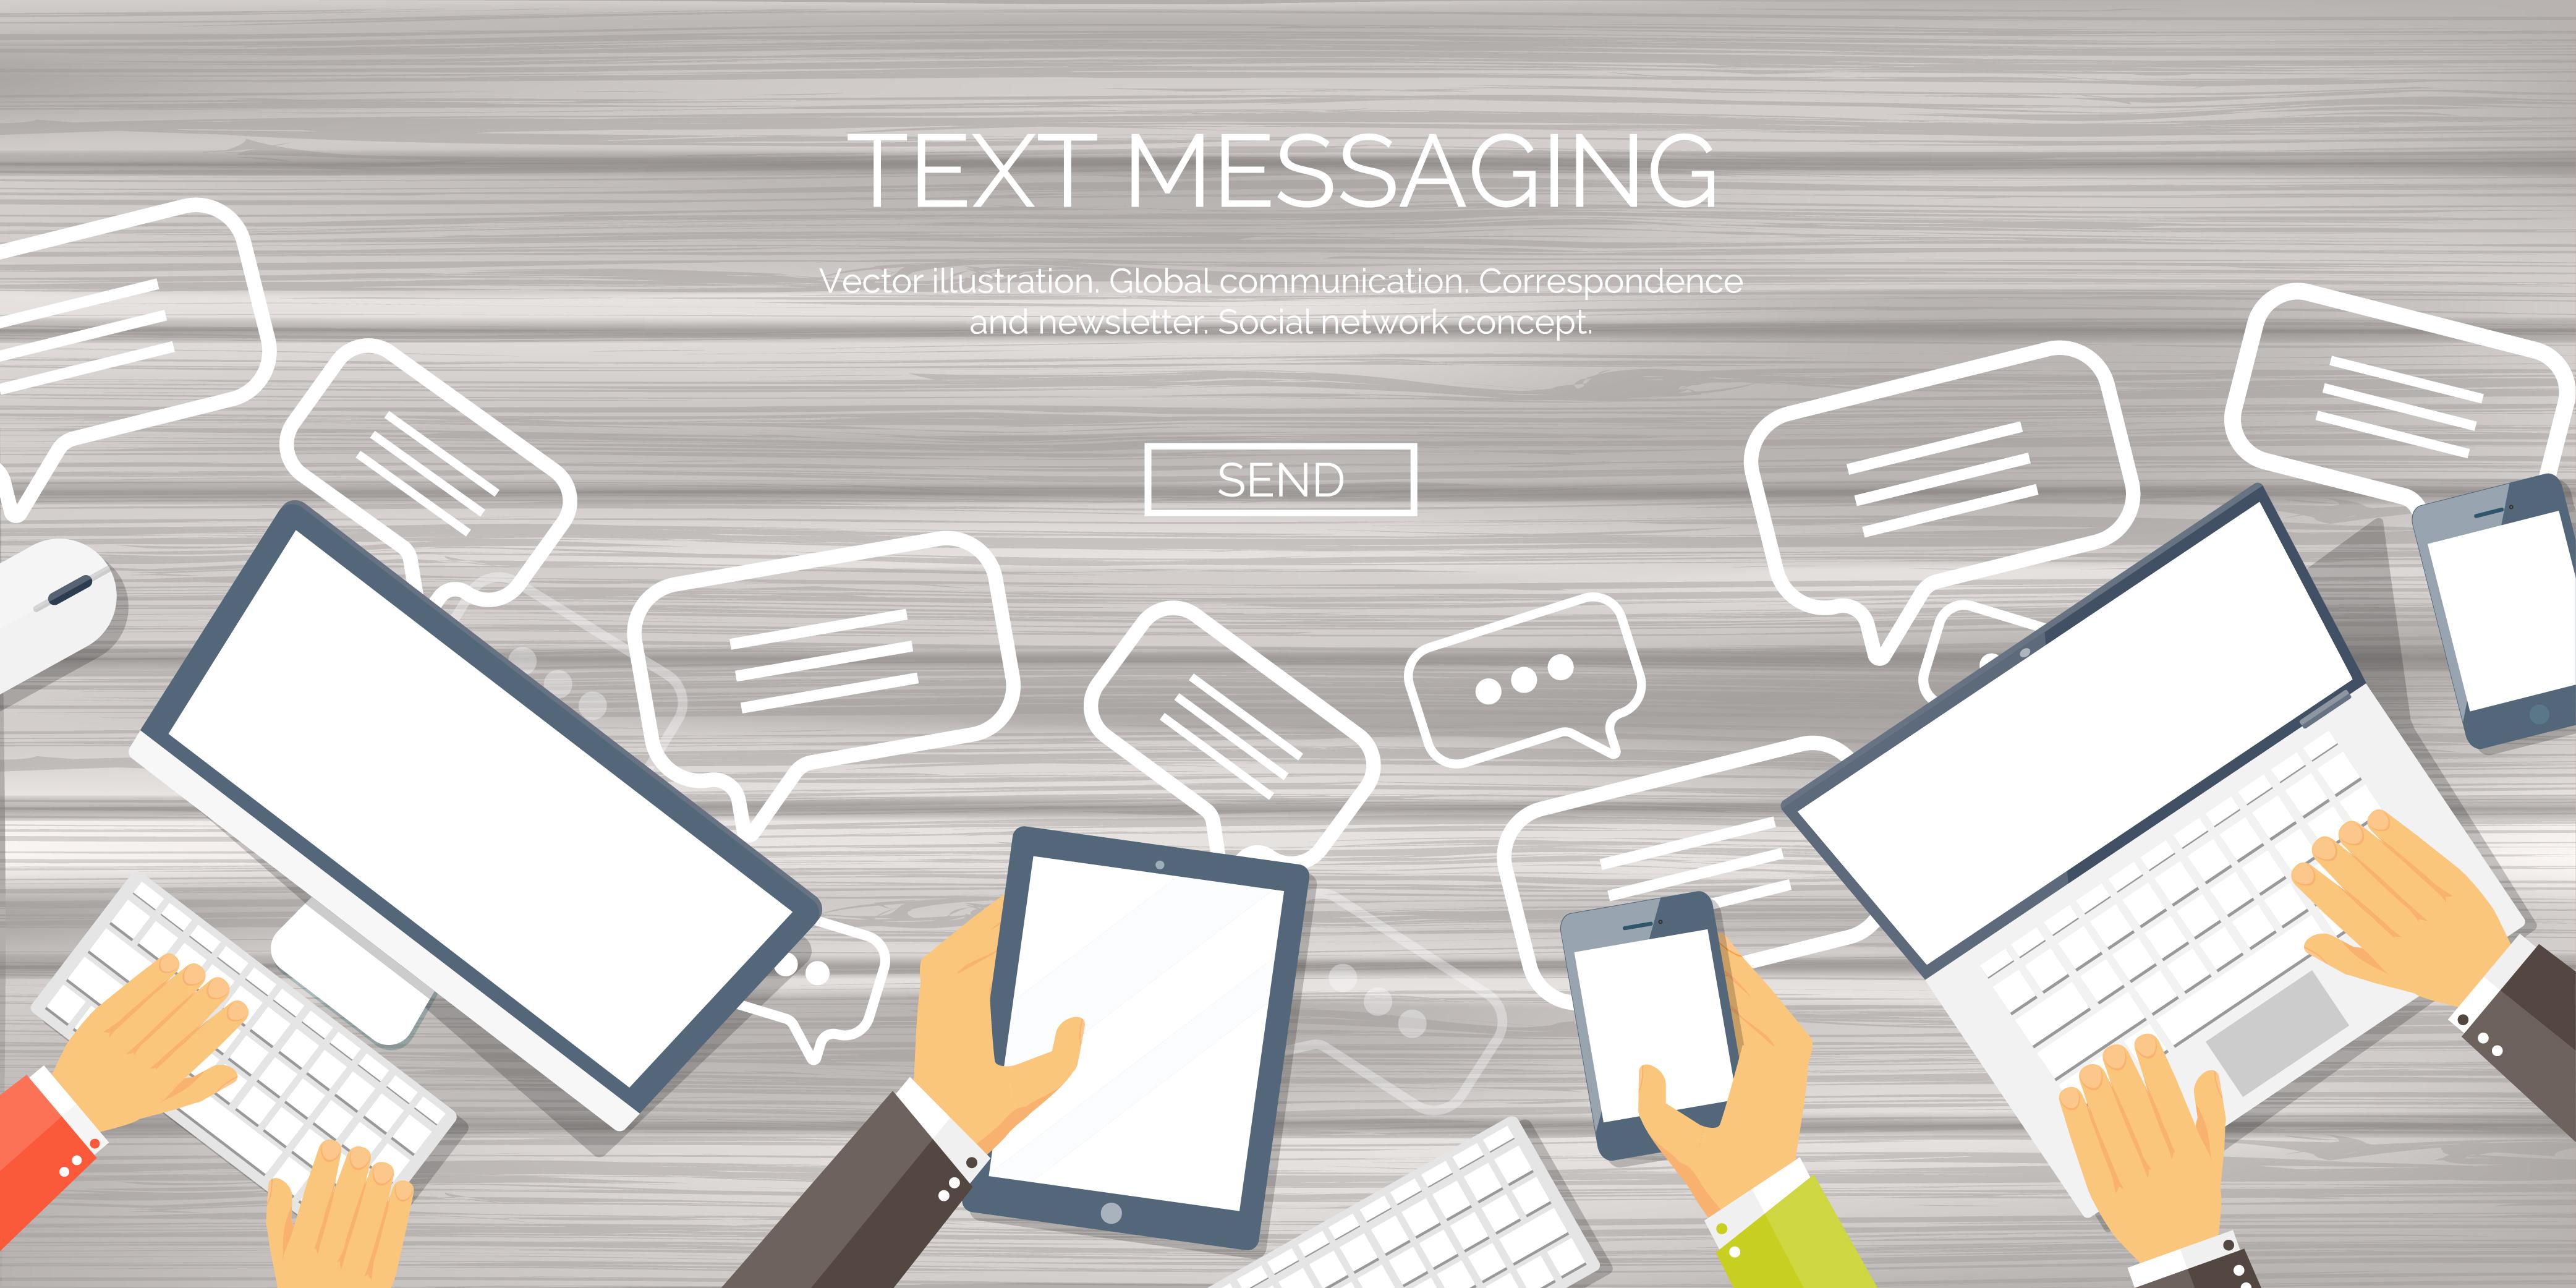 L'emailing est-il mort ? Découvrez les 4 outils qui vont soutenir vos campagnes d'emailings ! 26